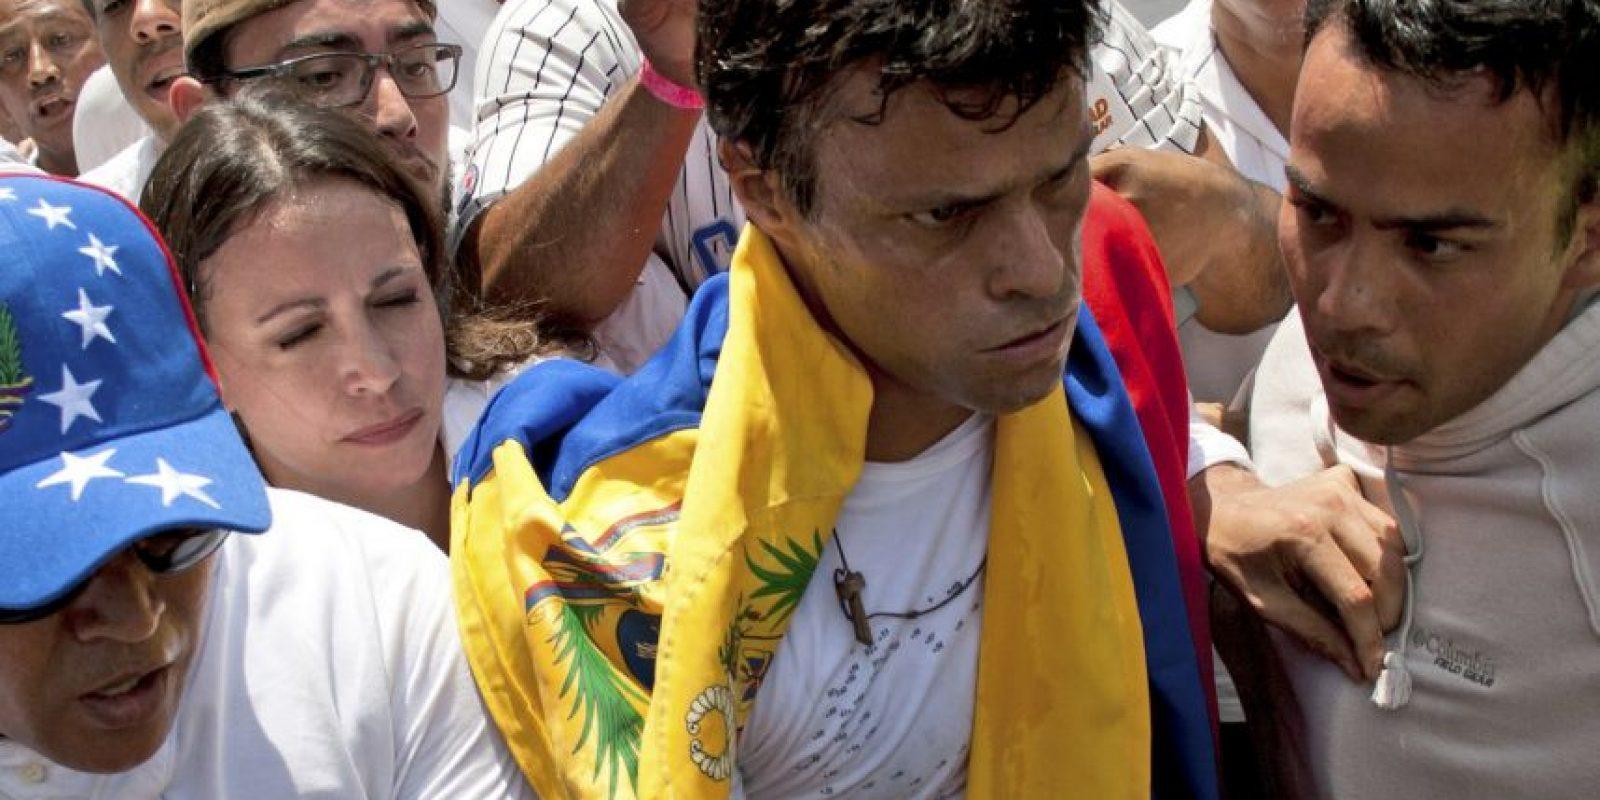 Esto debido a unos hecho violentos ocurridos en Caracas el 12 de febrero de 2014 y que ocasionaron la muerte de 3 personas y decenas de heridos. Foto:AP